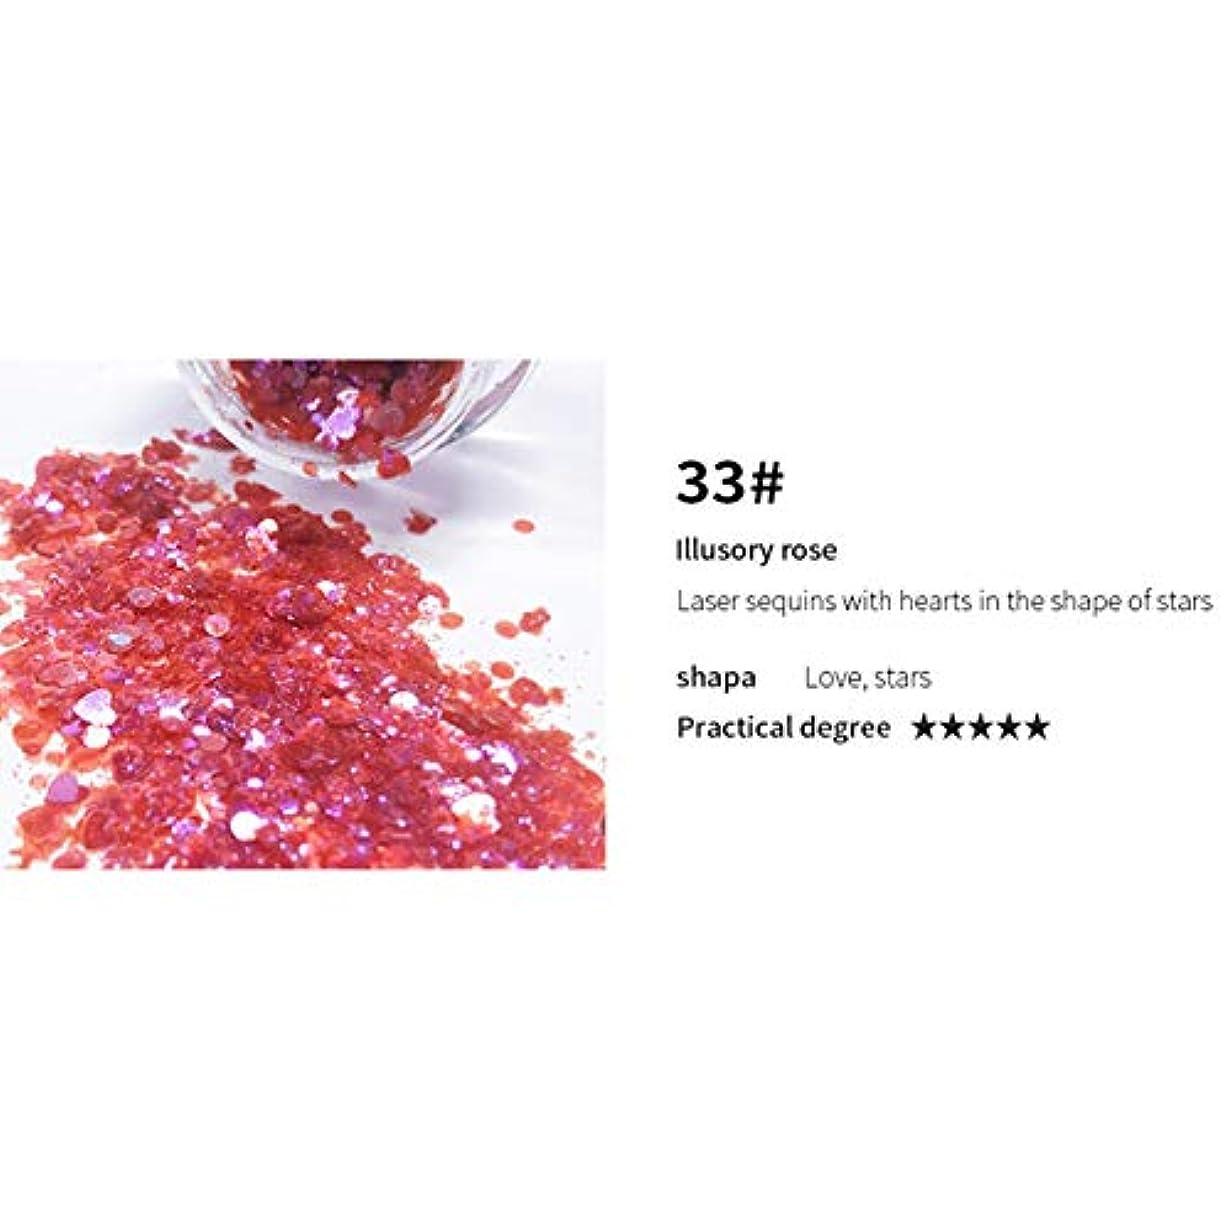 喜ぶ複製ピルACHICOO キラキラパウダー 34色 スパンコール パーティーメイク 輝く カラフル 顔·目·リップ·ボディ·ヘアグリッターフラッシュ ネイル化粧品 ファッション 女性 33#